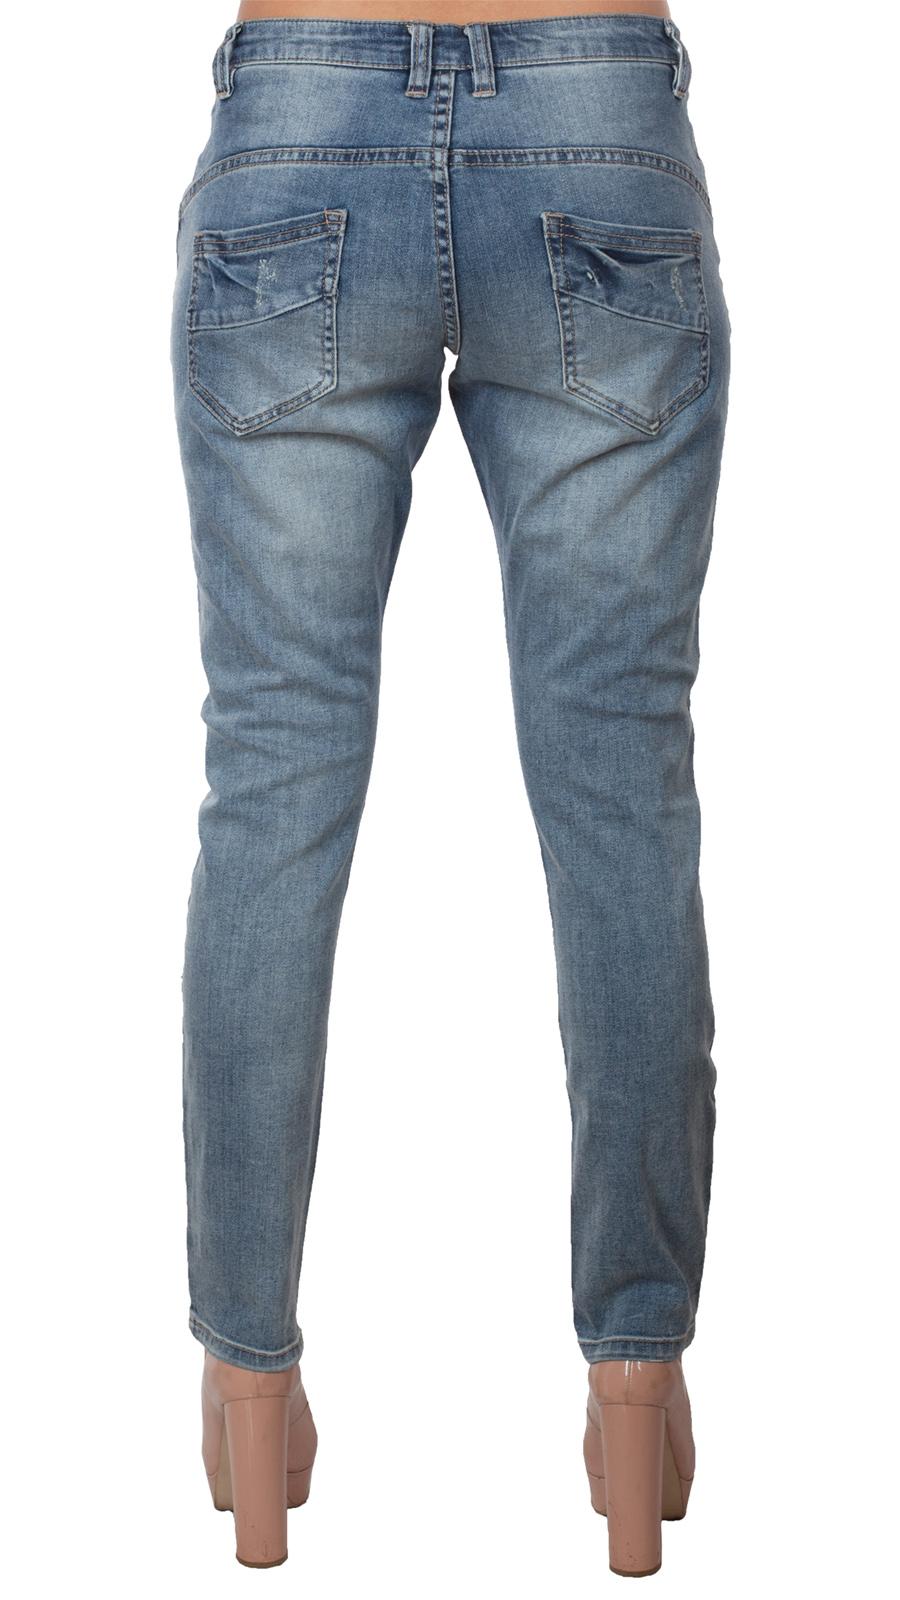 Эффектные женские джинсы бренда Vila молодежная модная модель. Гарантированное качество при низкой цене на трендовый товар